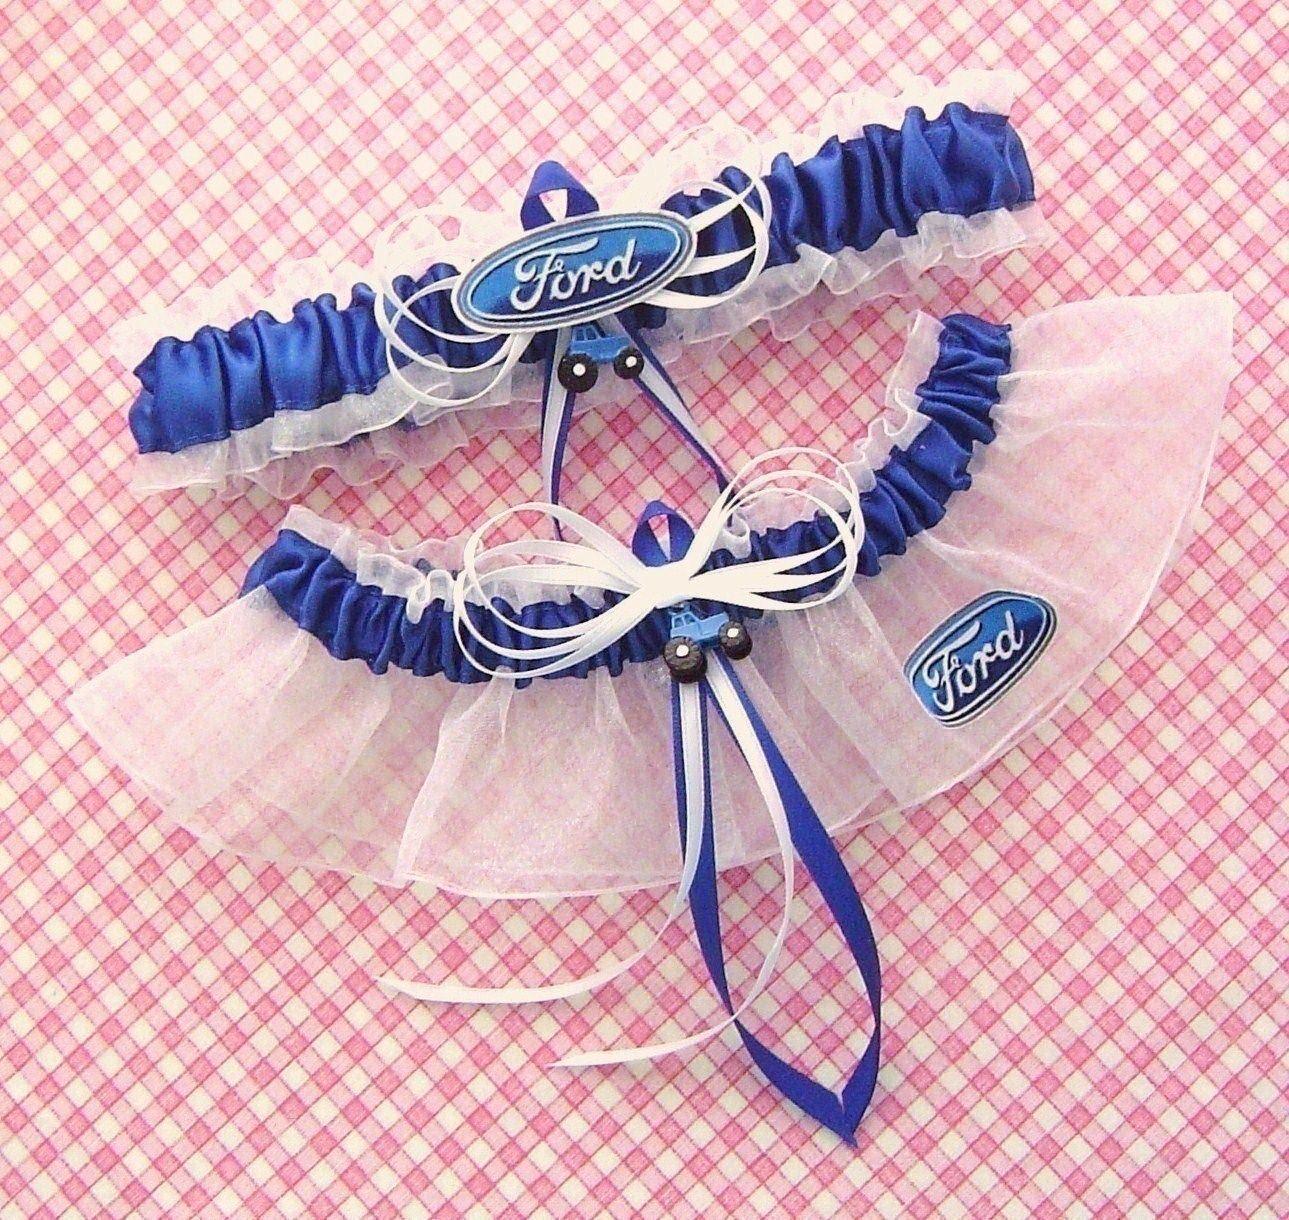 Wedding Garter Symbolism: Ford Blue Tractor Wedding Garters Farm Logo Charm Garter